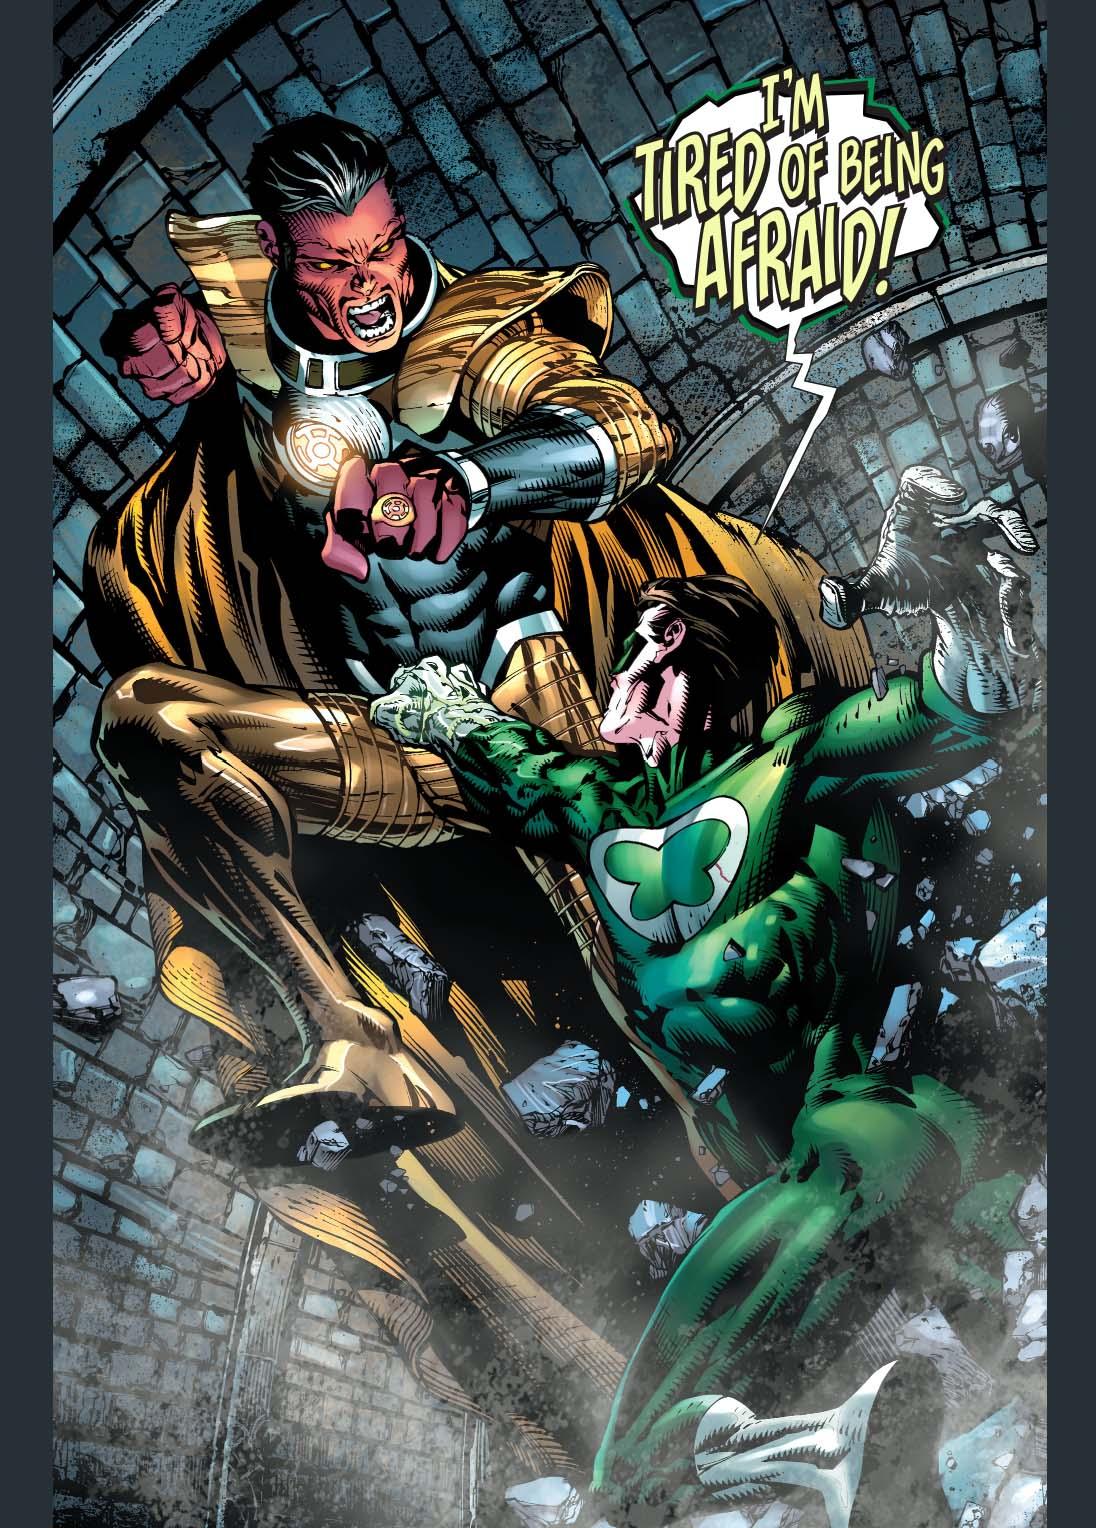 Daredevil Vs Deathstroke Sinestro VS Power Ring...